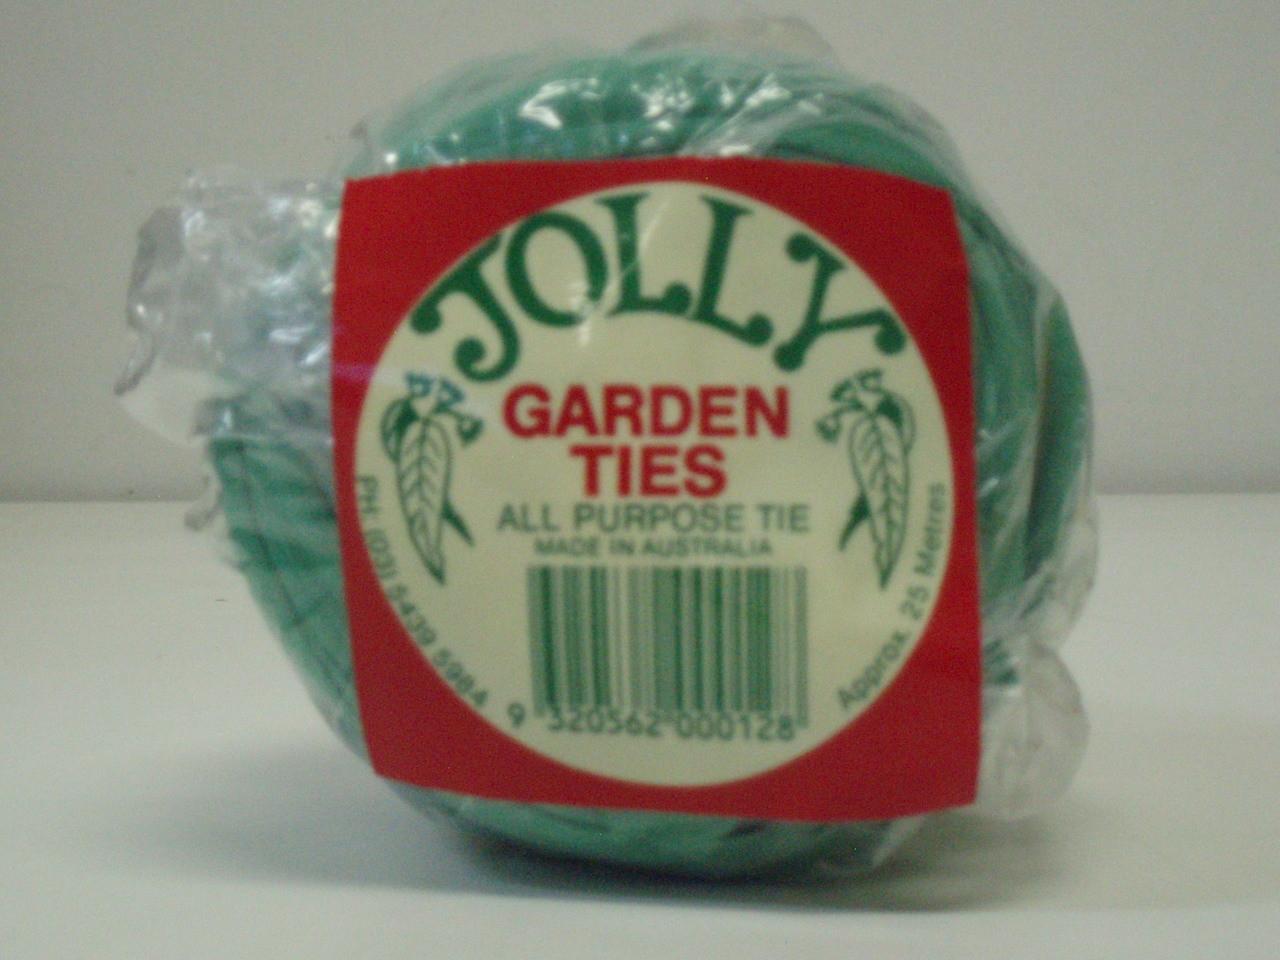 Jolly Ties